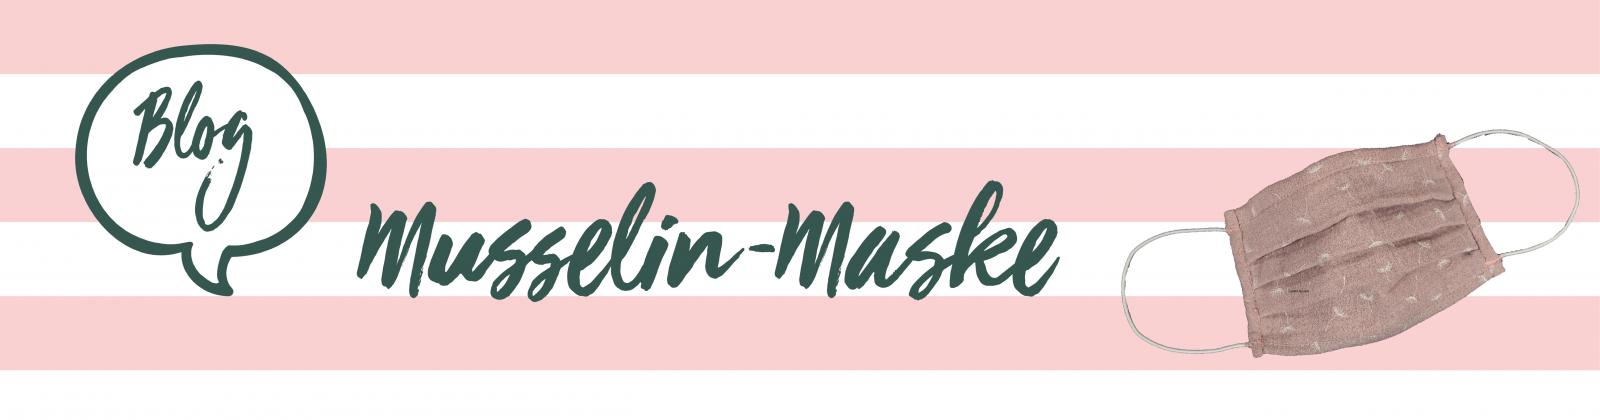 Musselin-Maske_Zeichenflaeche-1